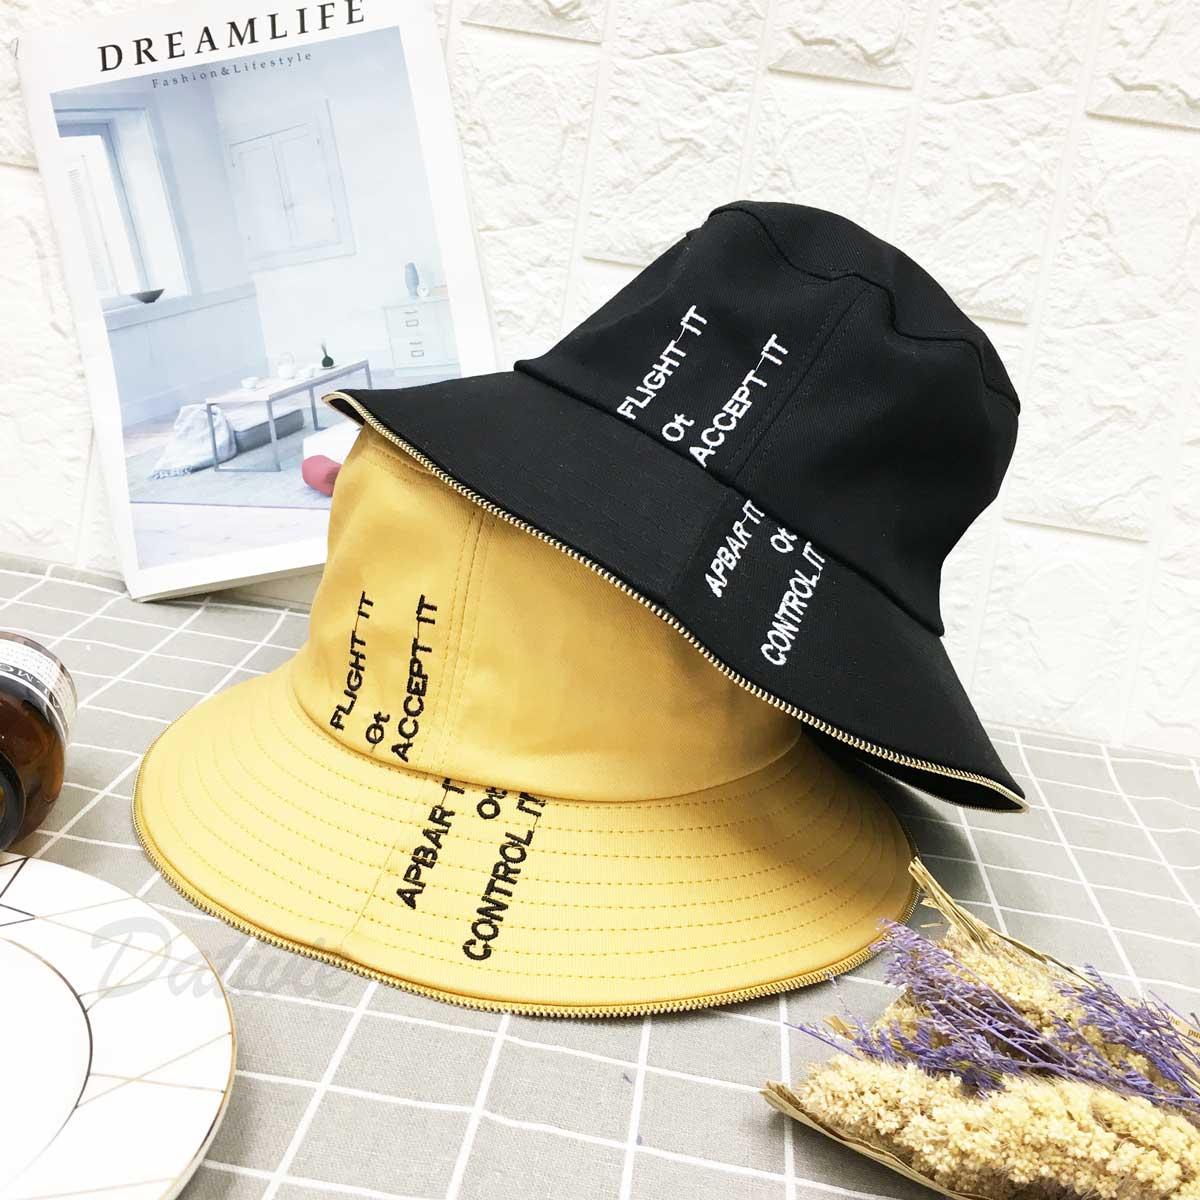 拉鍊邊 配色 英文字 黑標 個性風 頭圍可調鬆緊 帽子 淑女帽